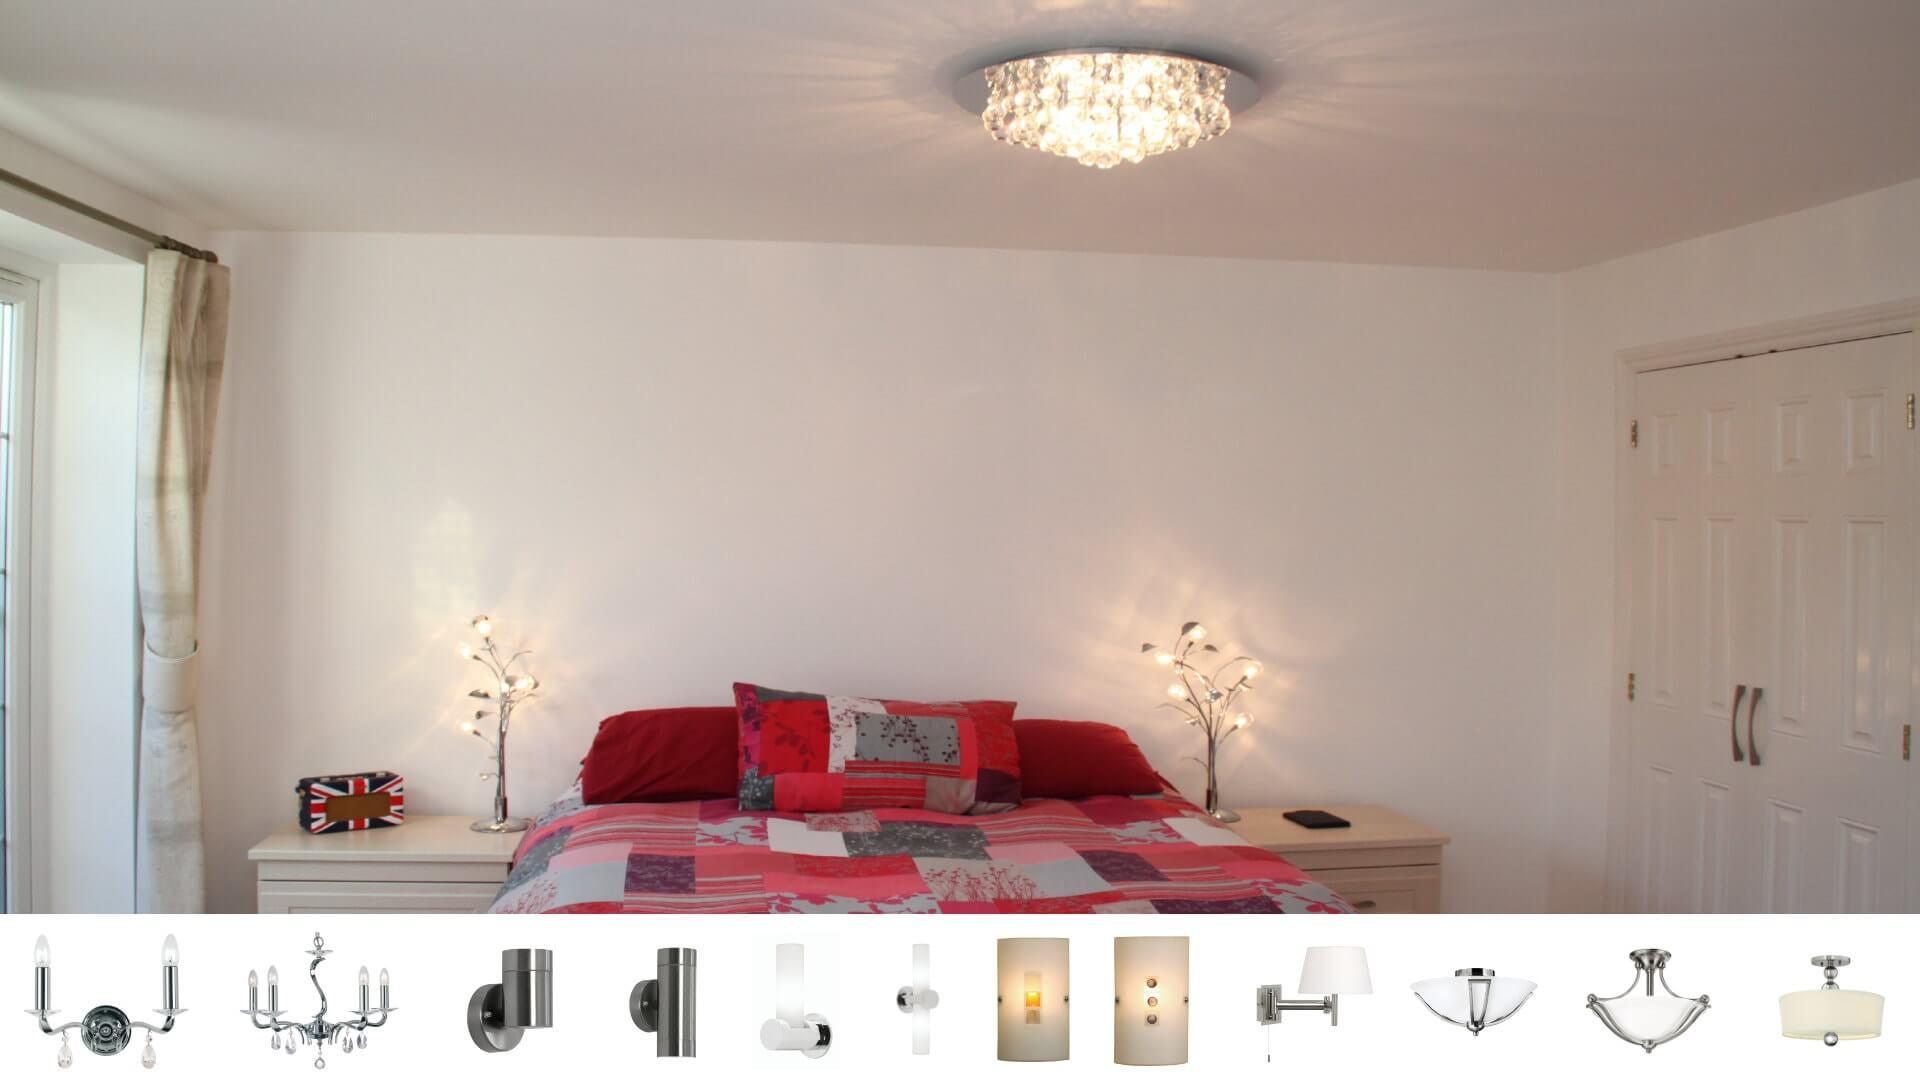 bedroom lighting bedding full interior style scheme image lights ideas light for modern